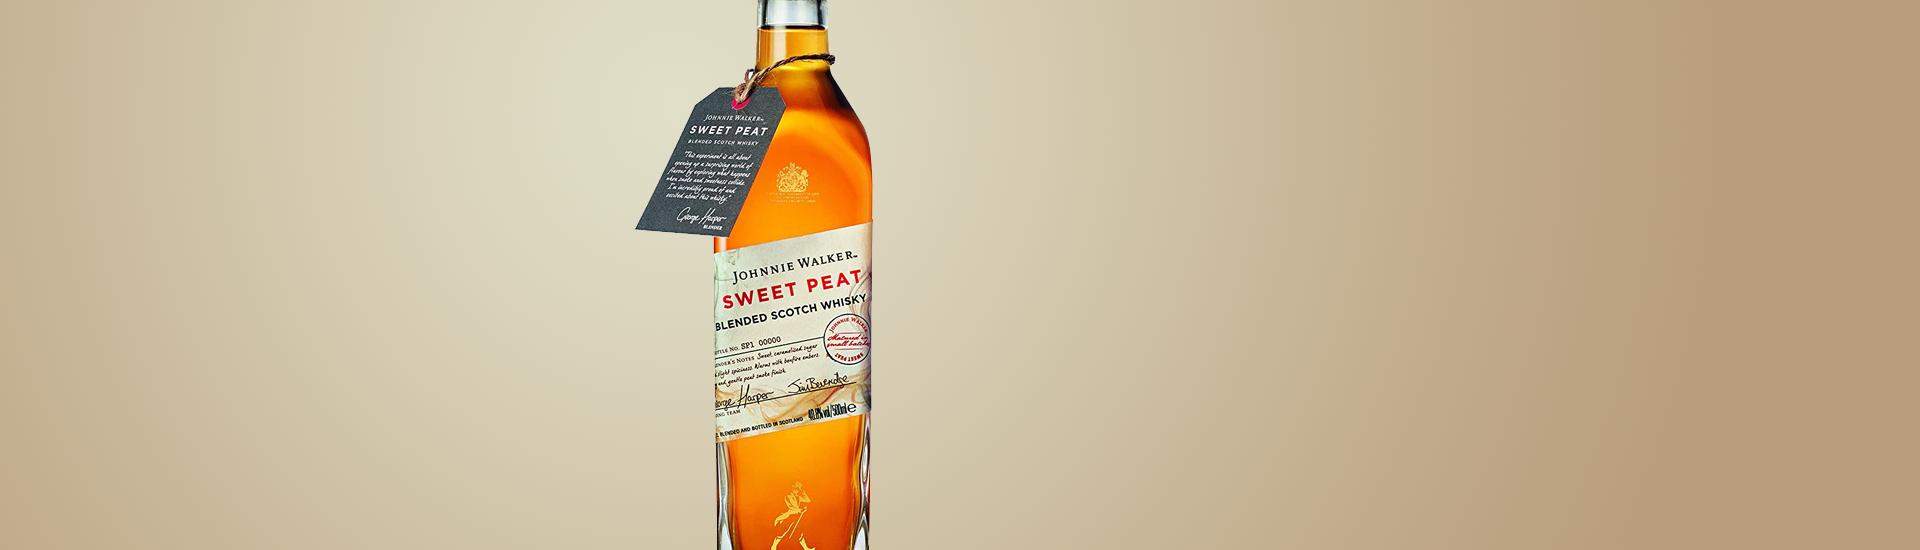 Johnnie Walker Sweet Peat - Whisky - Peat